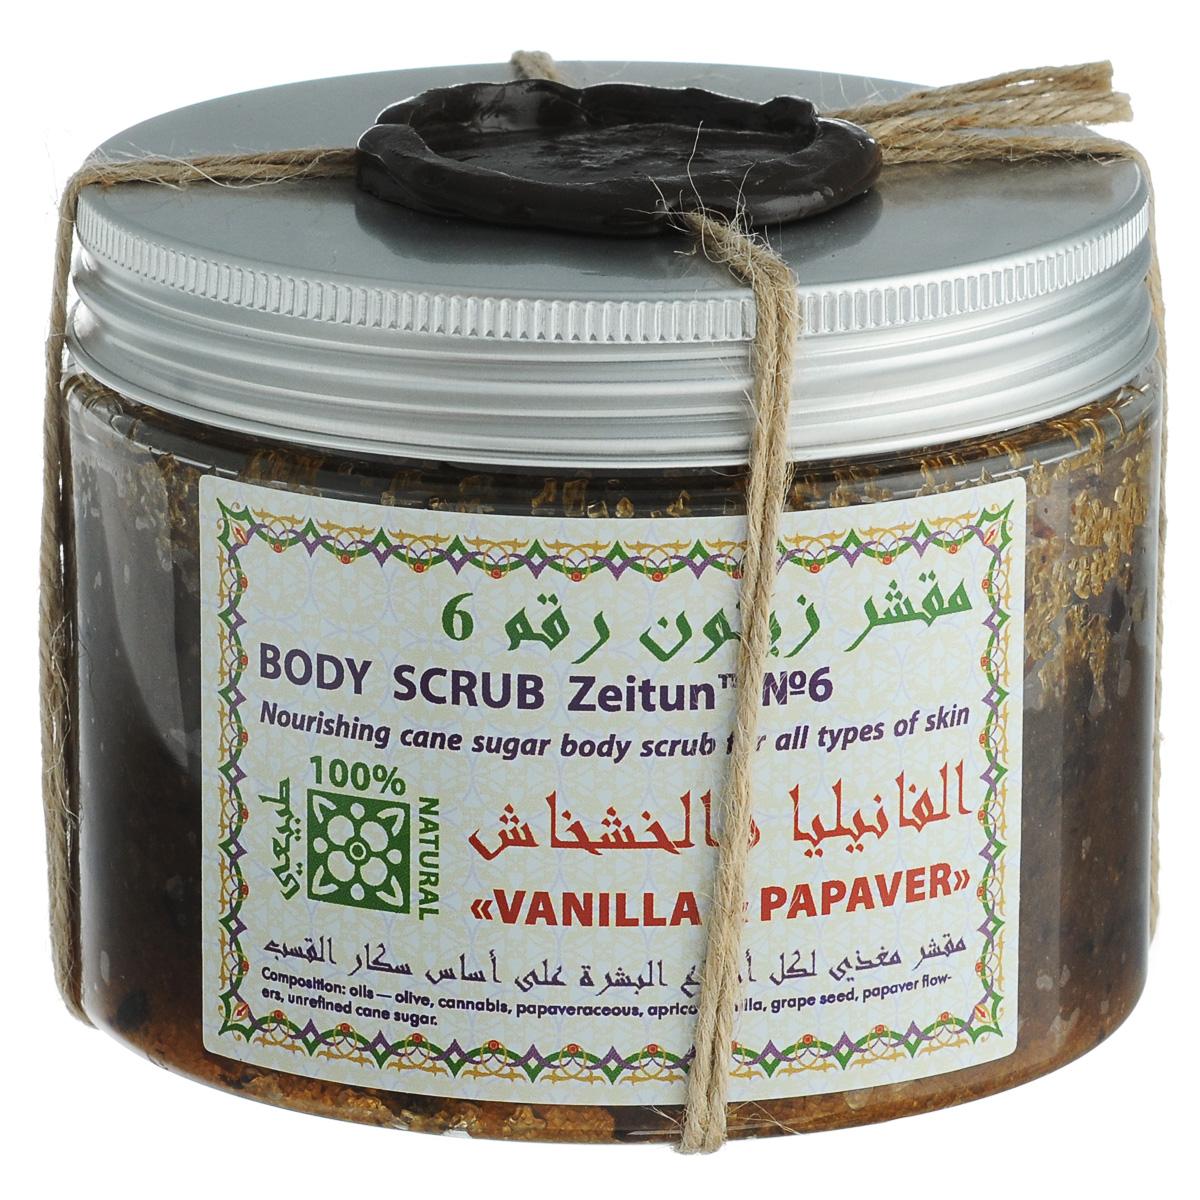 Зейтун Скраб для тела №6 сахарный Ваниль и мак, 500 млFS-00897Деликатно очищает кожу, мягко отшелушивает отмершие клетки, полирует и разглаживает кожу. Благодаря богатому составу натуральных масел великолепно увлажняет и питает кожу, тонизирует её, насыщает витаминами и минералами, способствует восстановлению собственного липидного барьера. Оставляет на коже «вкусный» натуральный аромат.